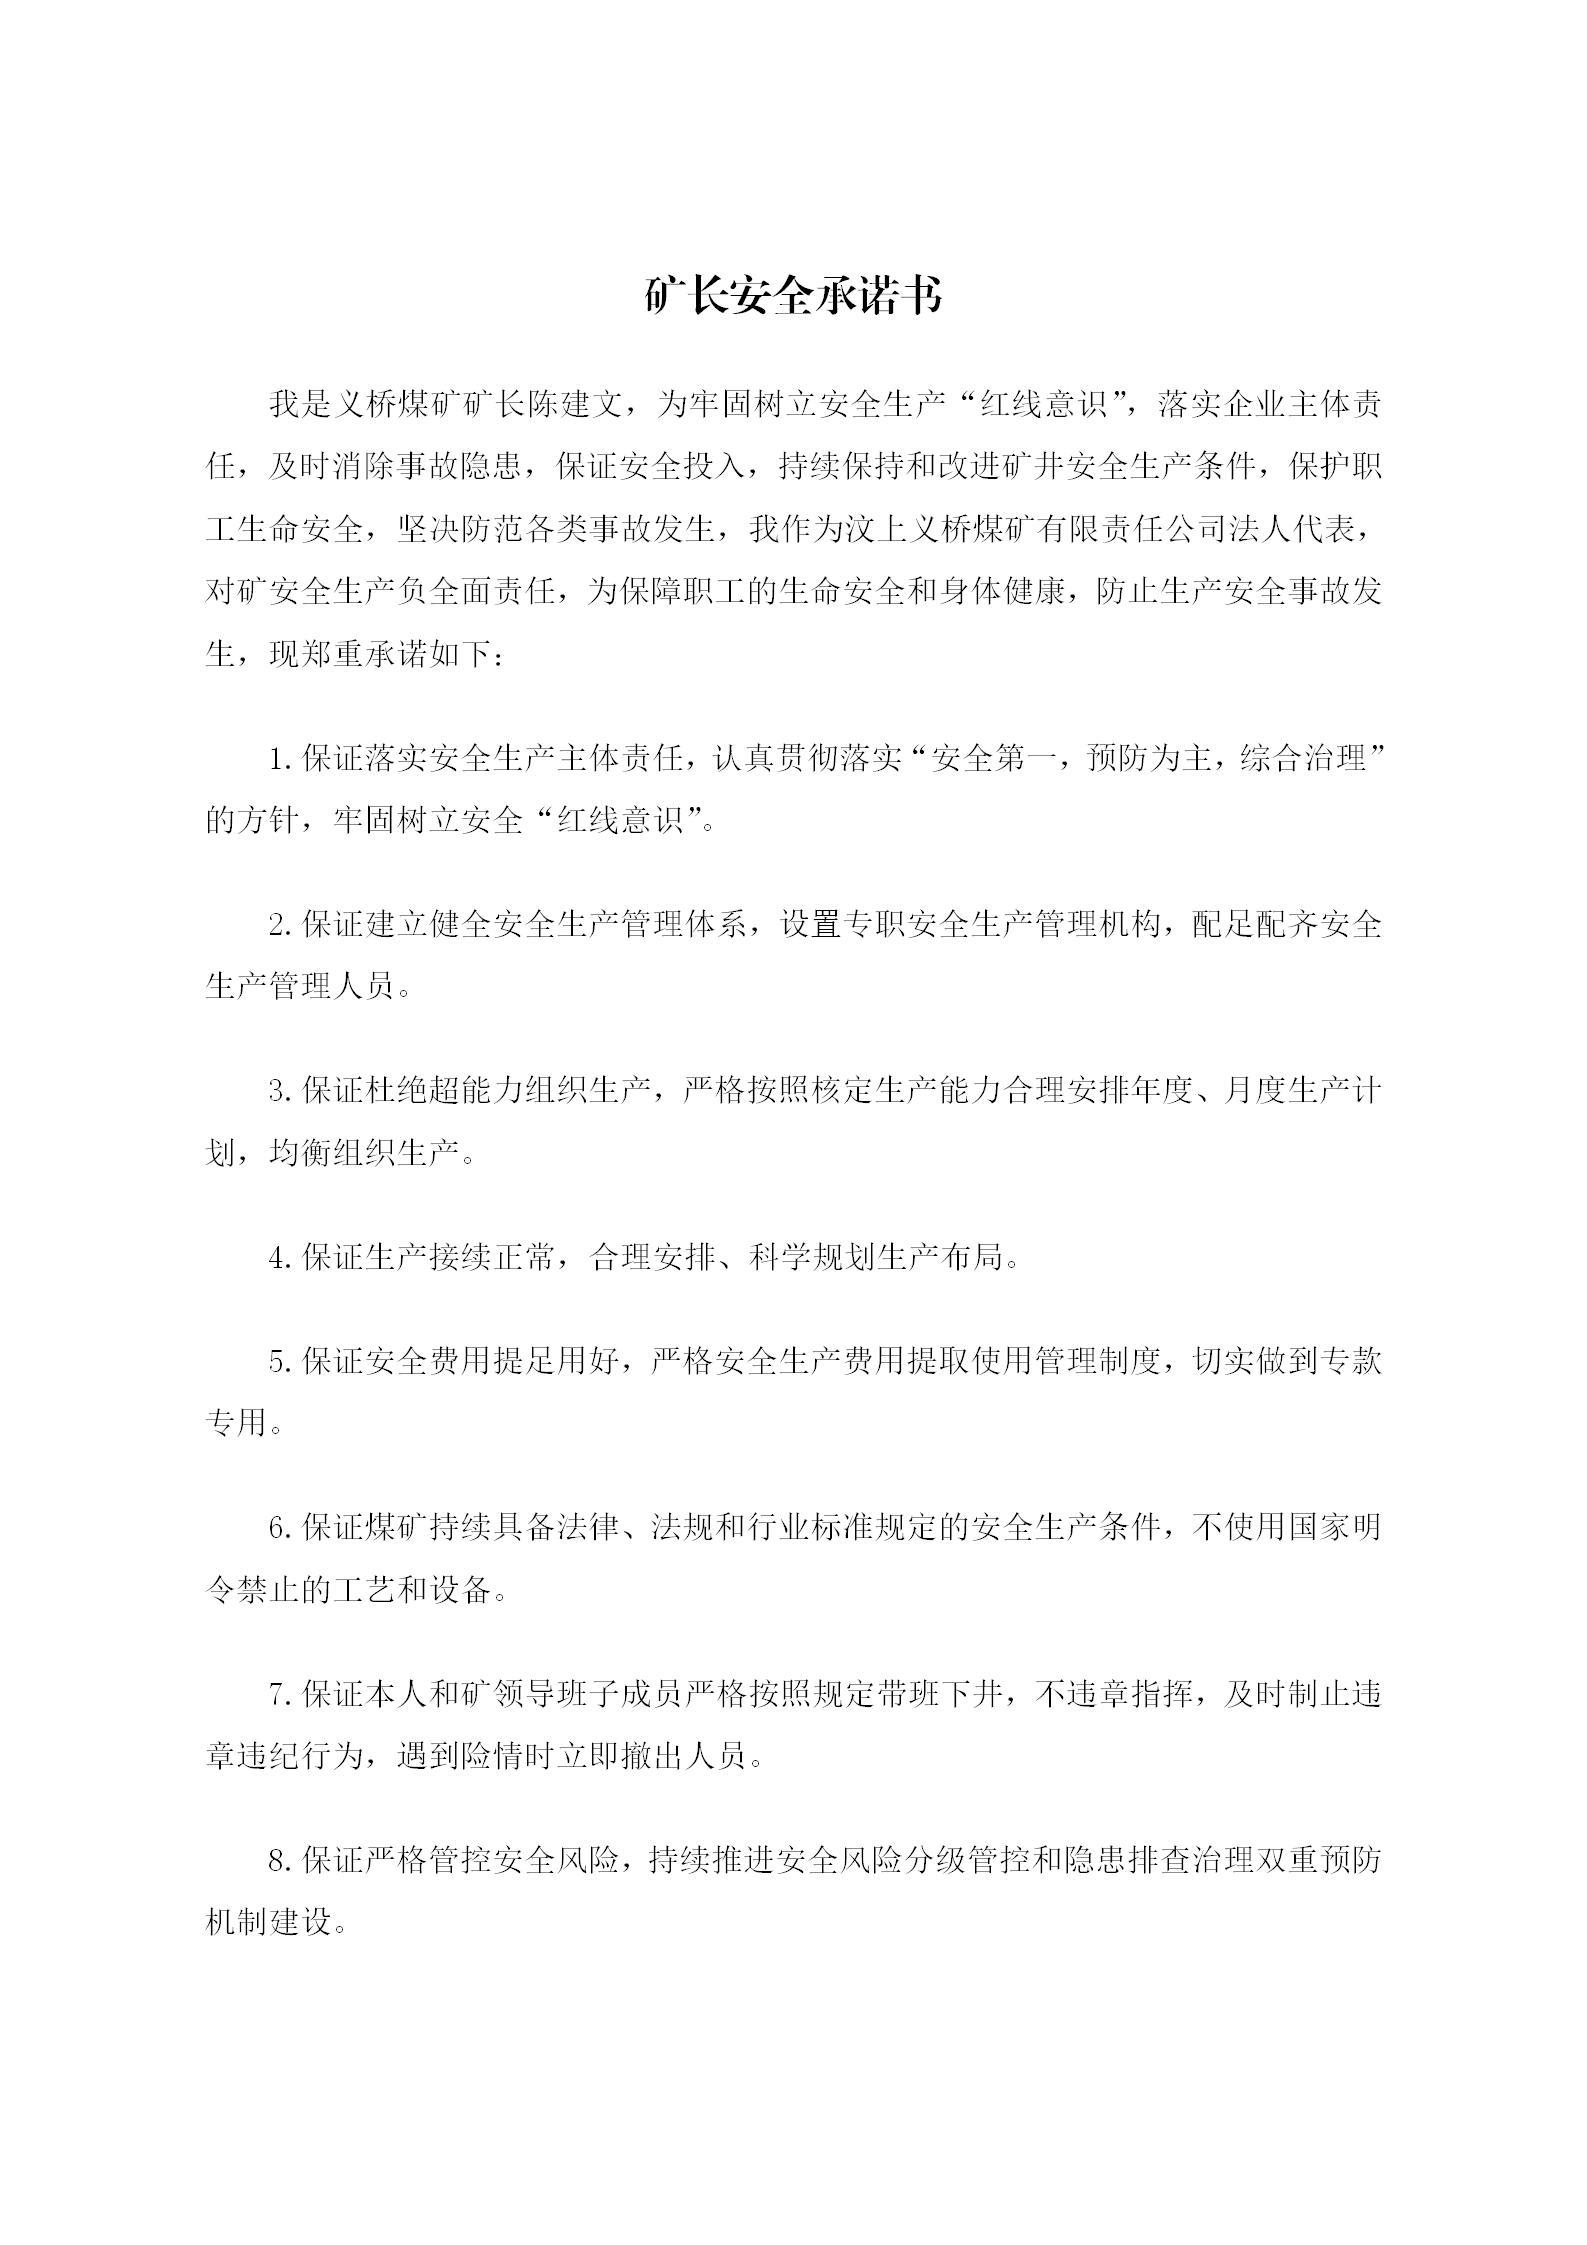 义桥煤矿矿长安全承诺书_01.jpg